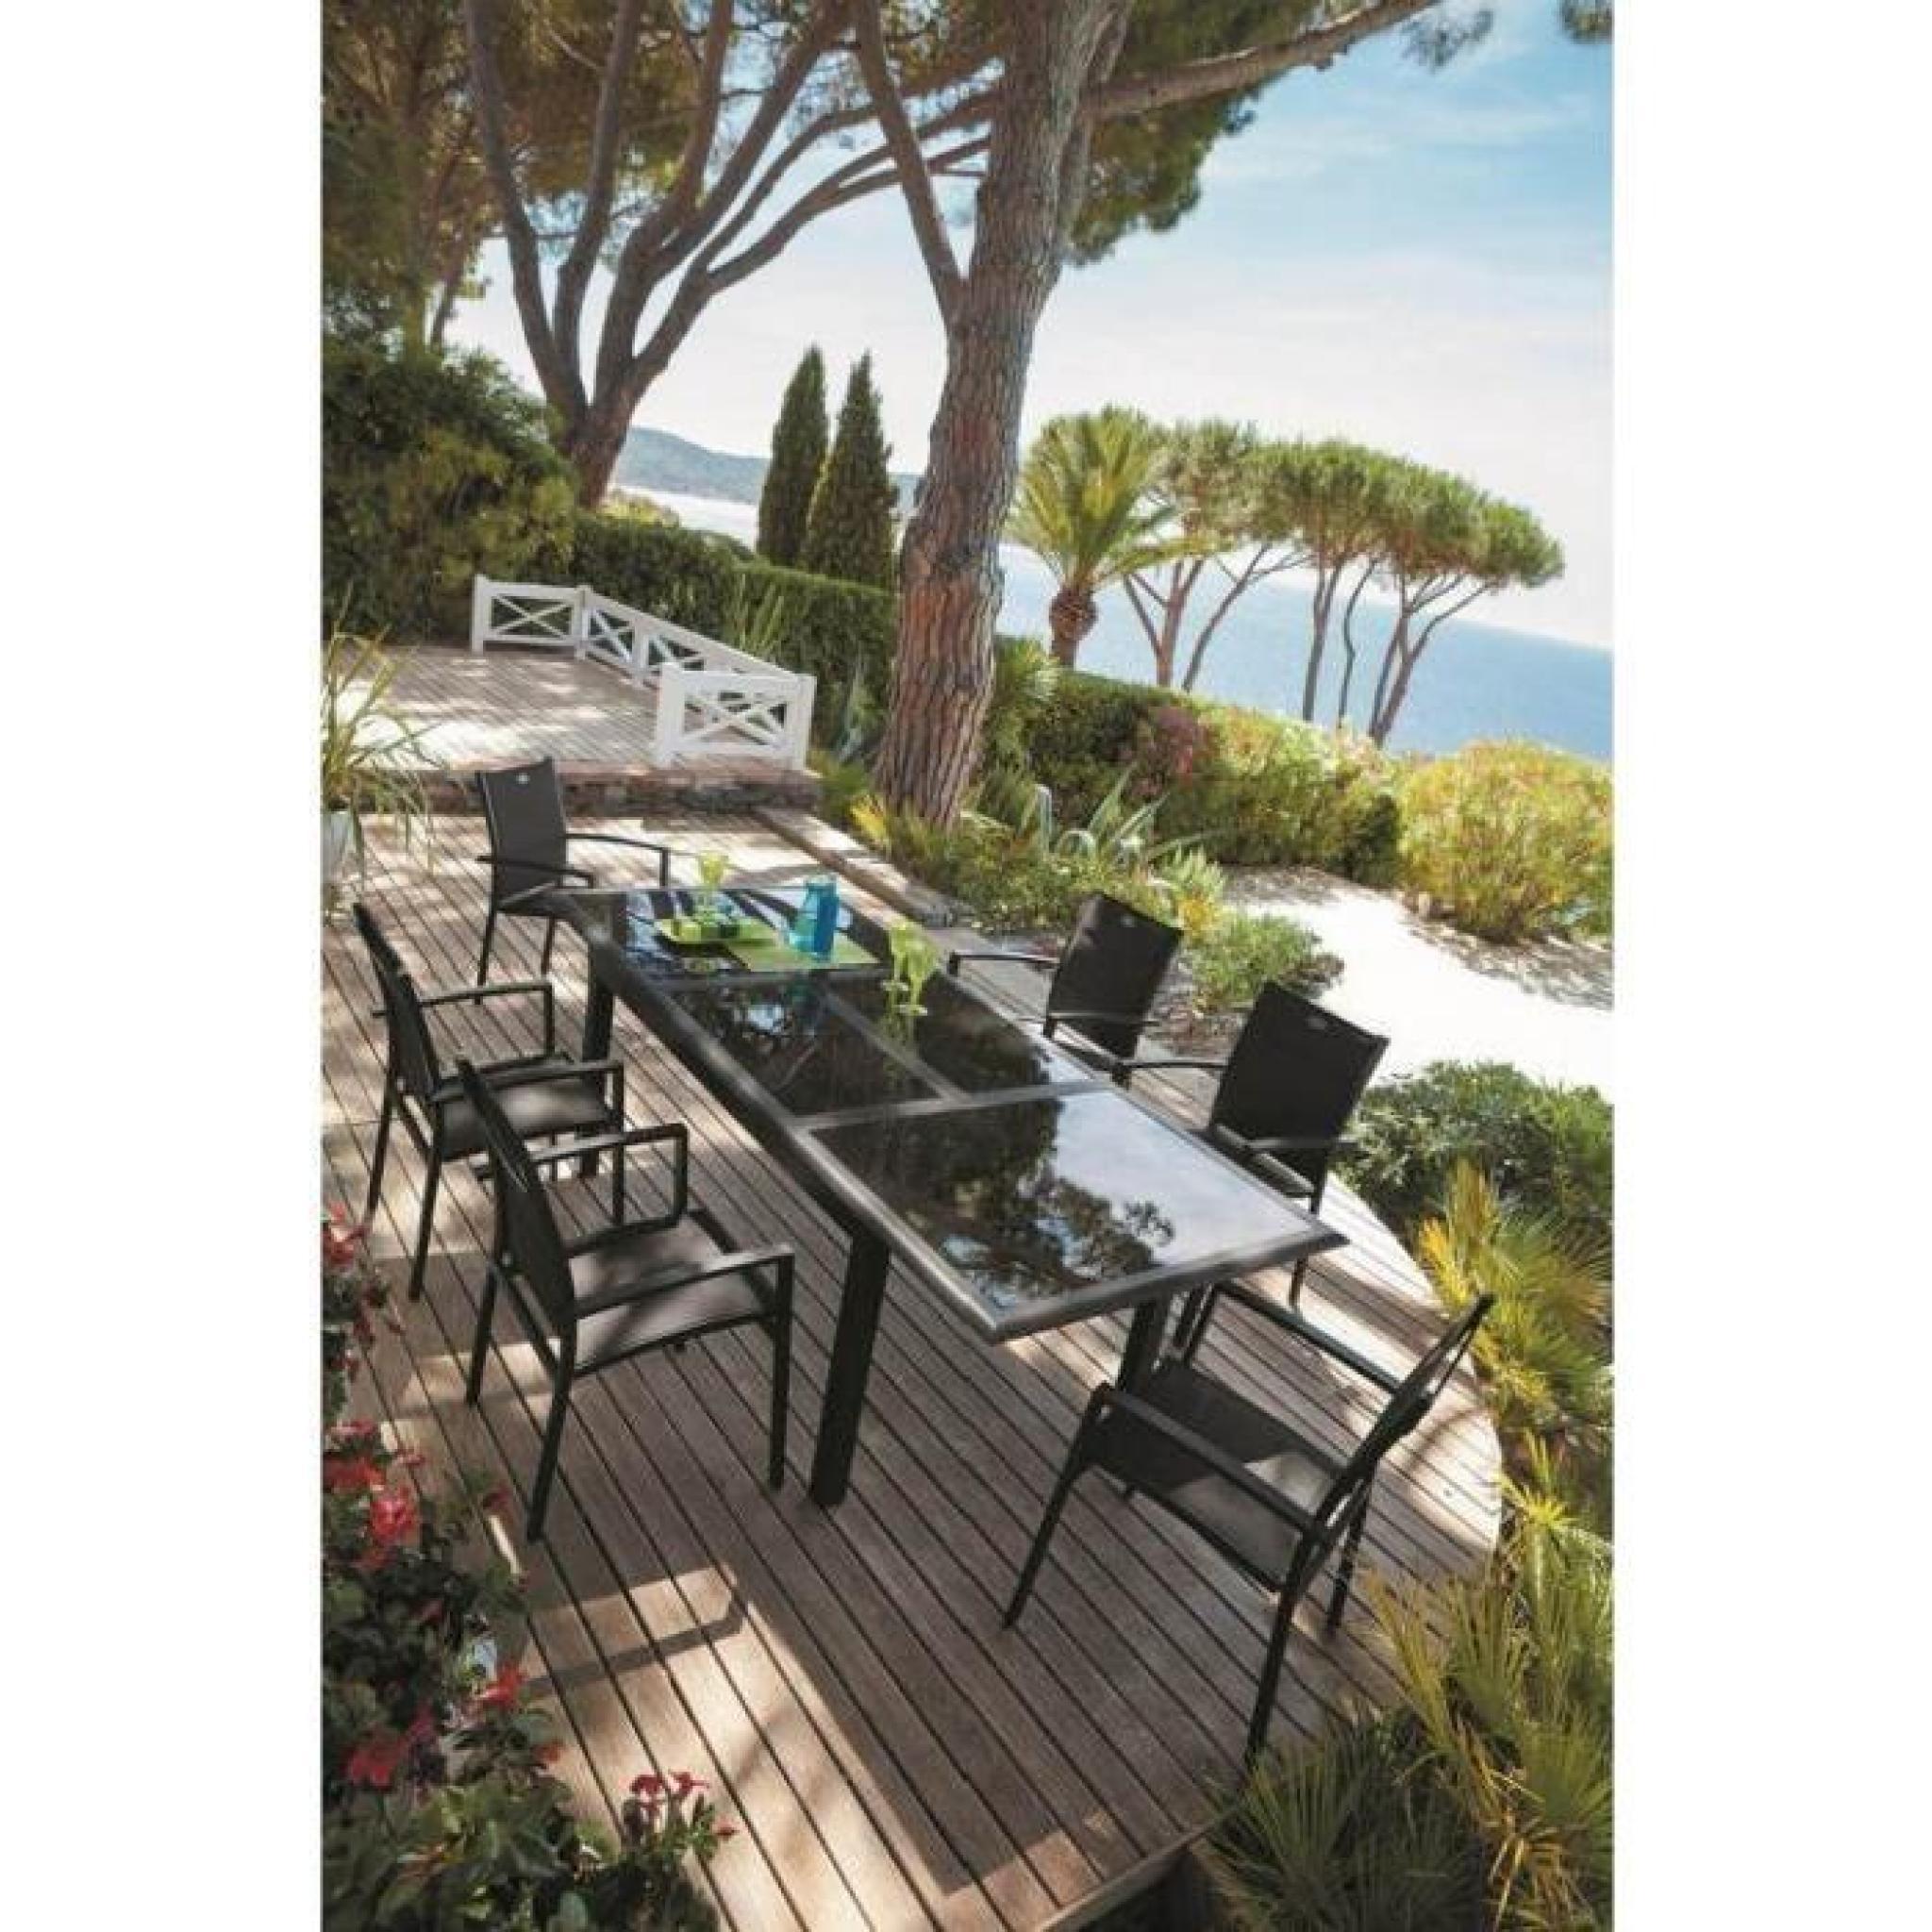 TABLE 160/240CM AZUA EXTERIEUR NOIR - Achat/Vente table de jardin ...